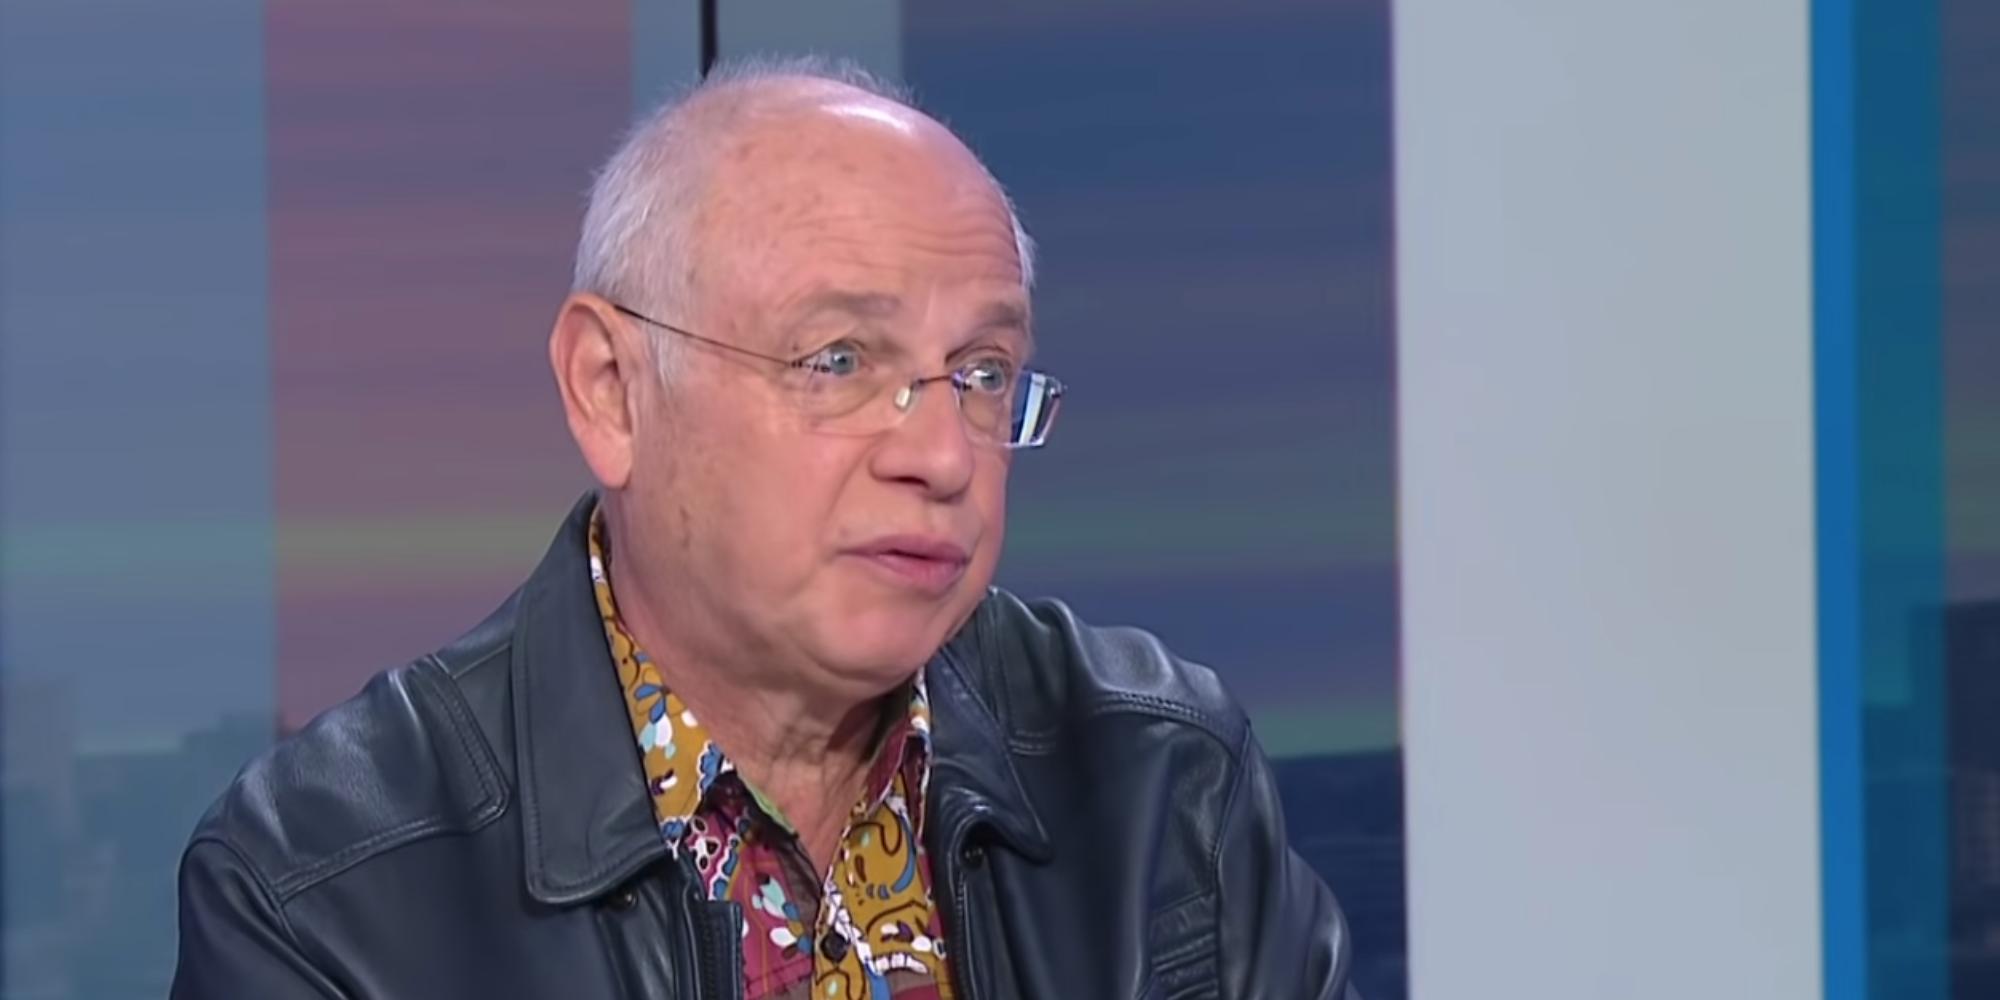 Stéphane Bourgoin, especialista em assassinos em série admite ter mentido sobre alguns fatos da sua vida